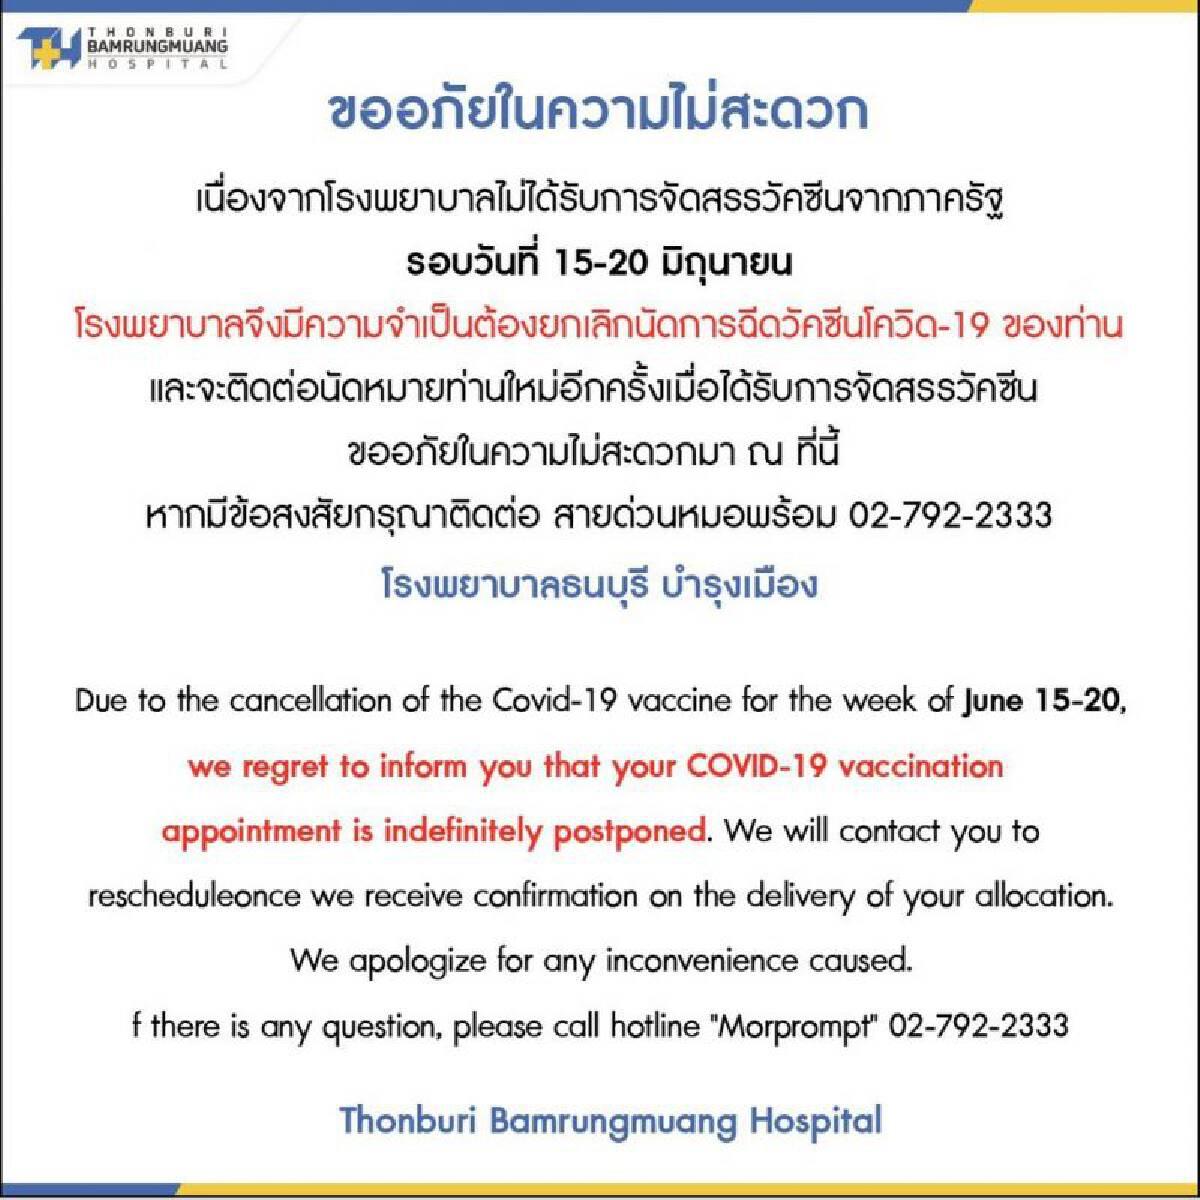 โรงพยาบาล ธนบุรี บำรุงเมือง